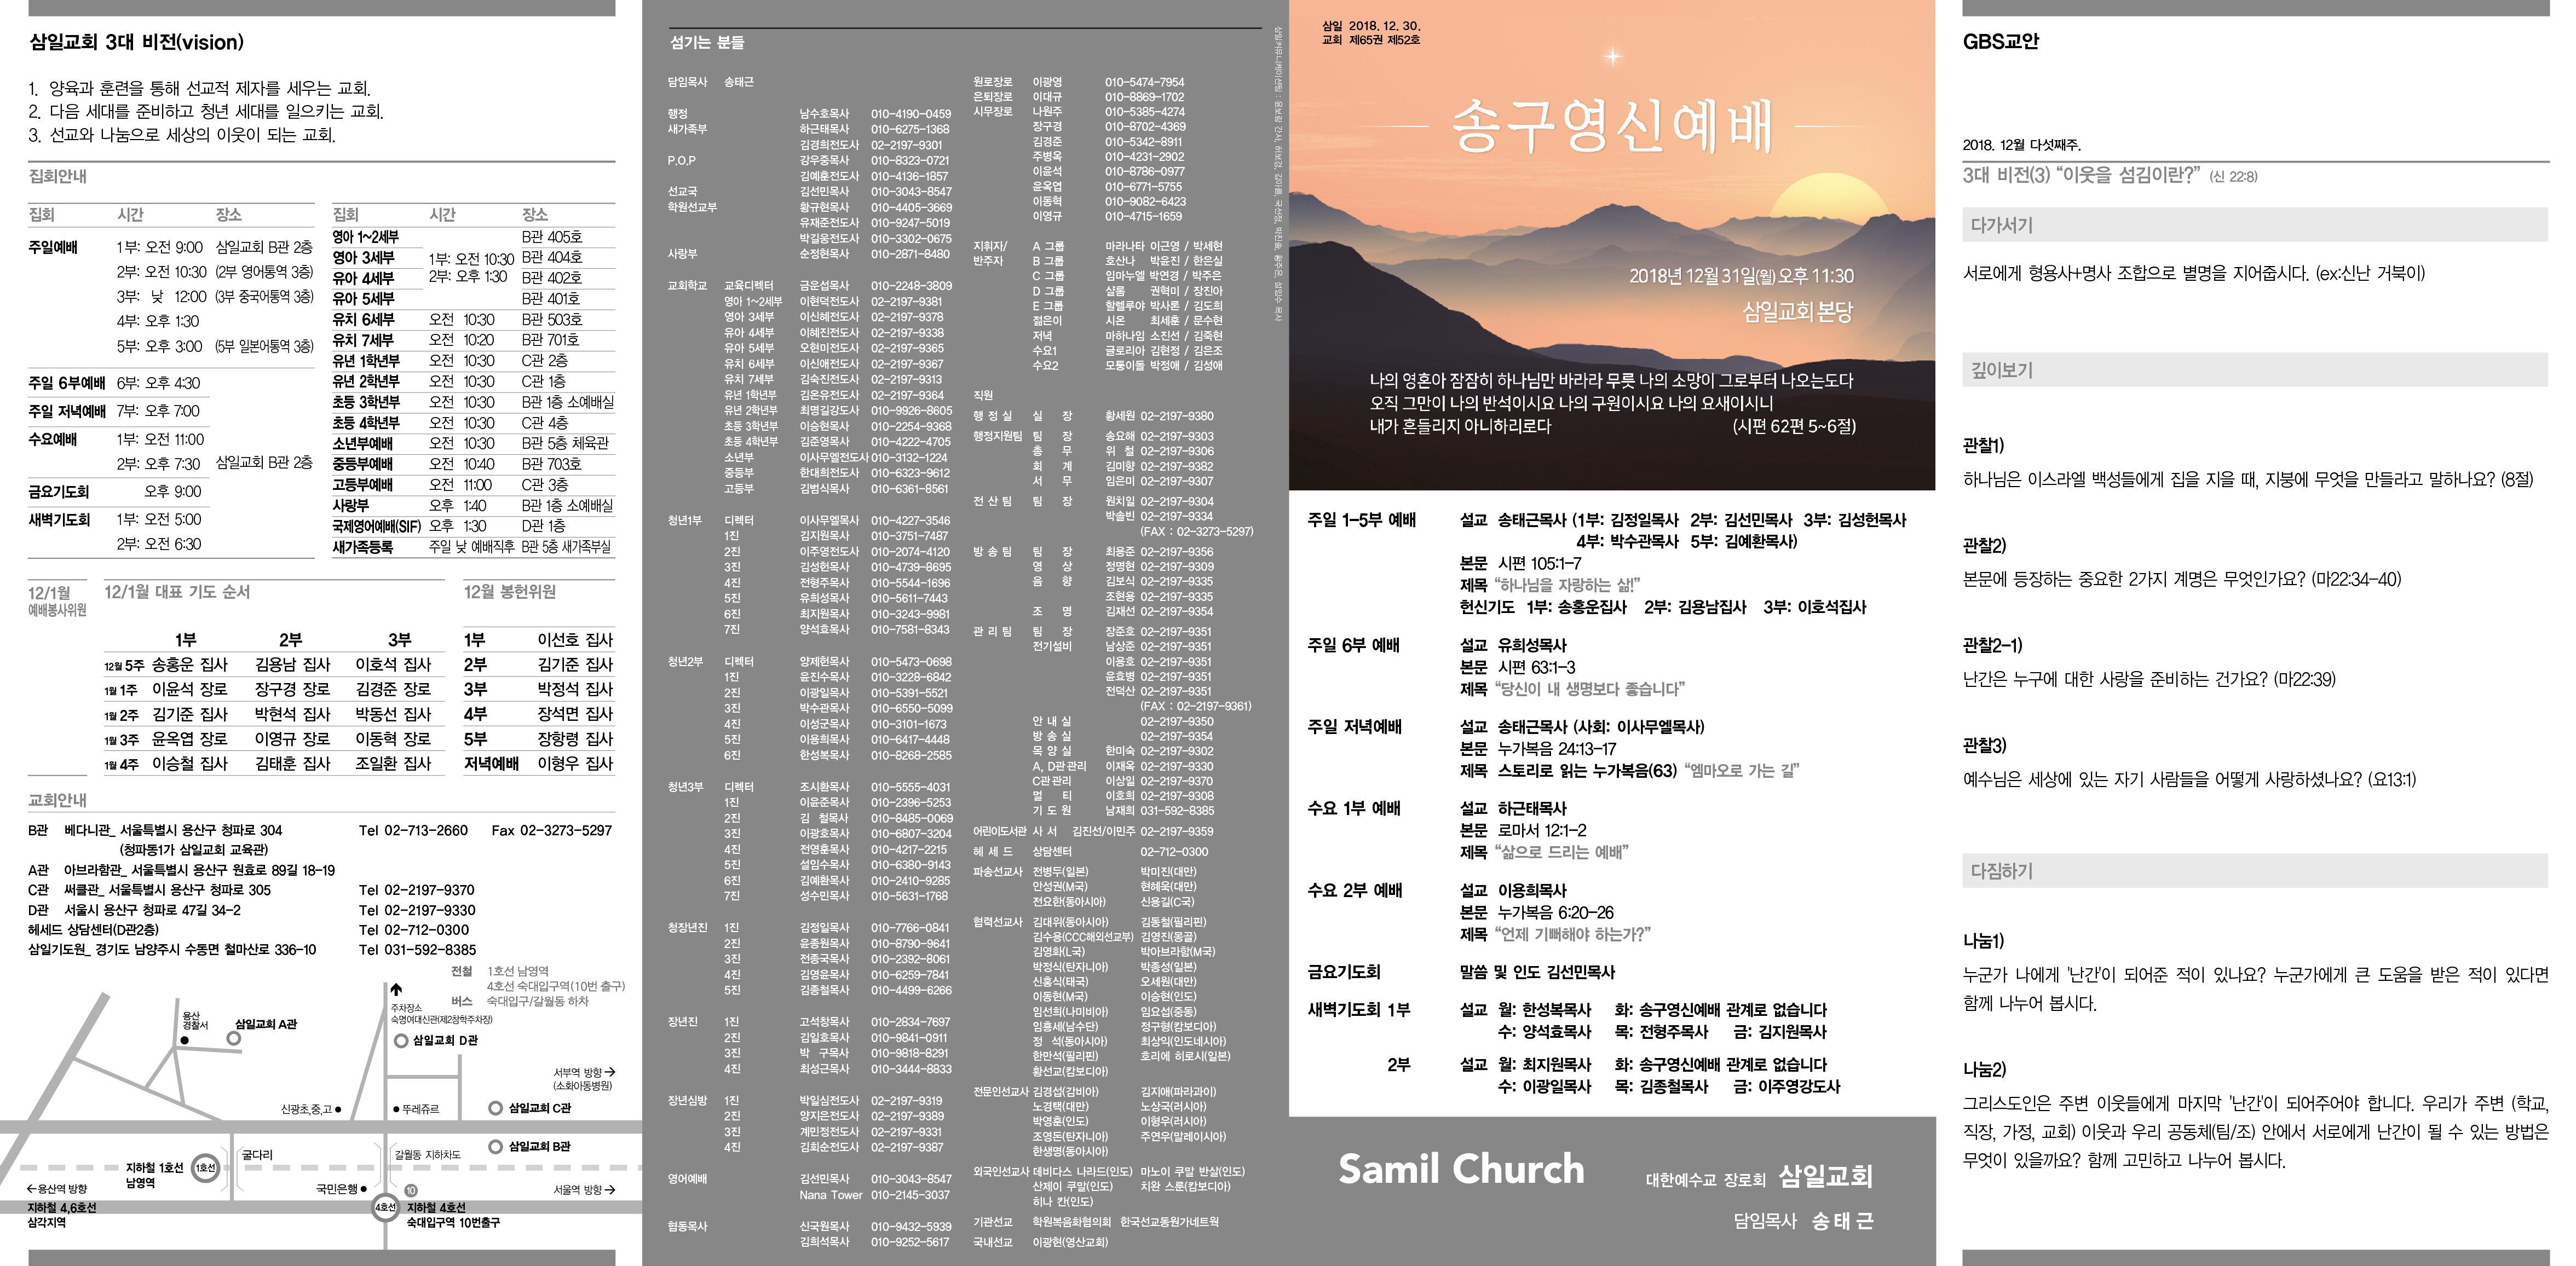 20181230-최종시안_1.jpg